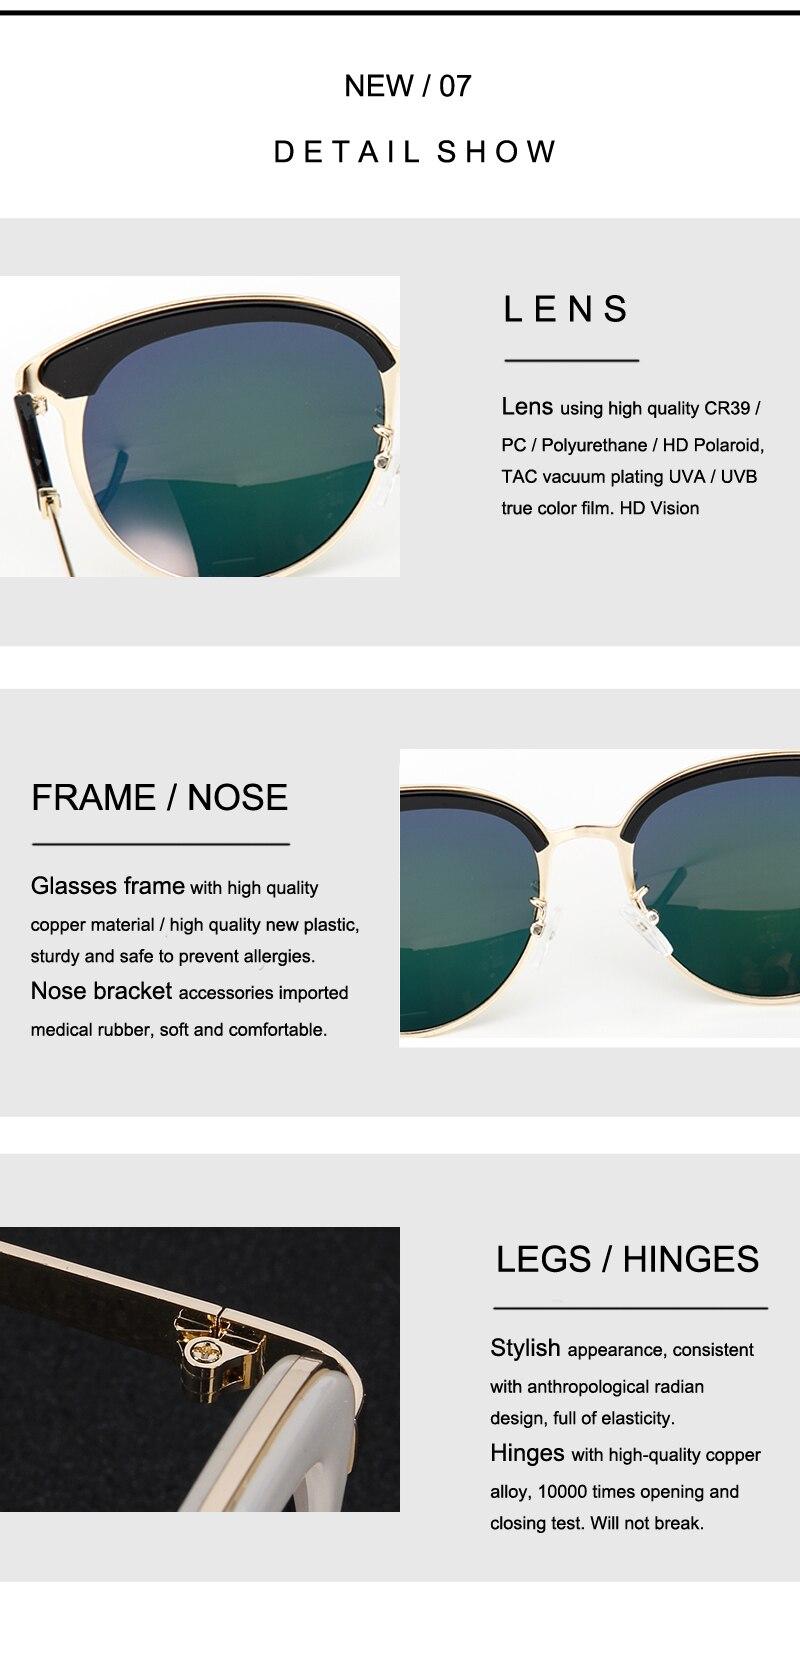 7dc176f9bf6fb Feishini diseñador polarizadas metal Gafas de sol mujer ojo de gato vintage  nuevo oculos sunglass Polaroid HD Vision personalidad de la moda